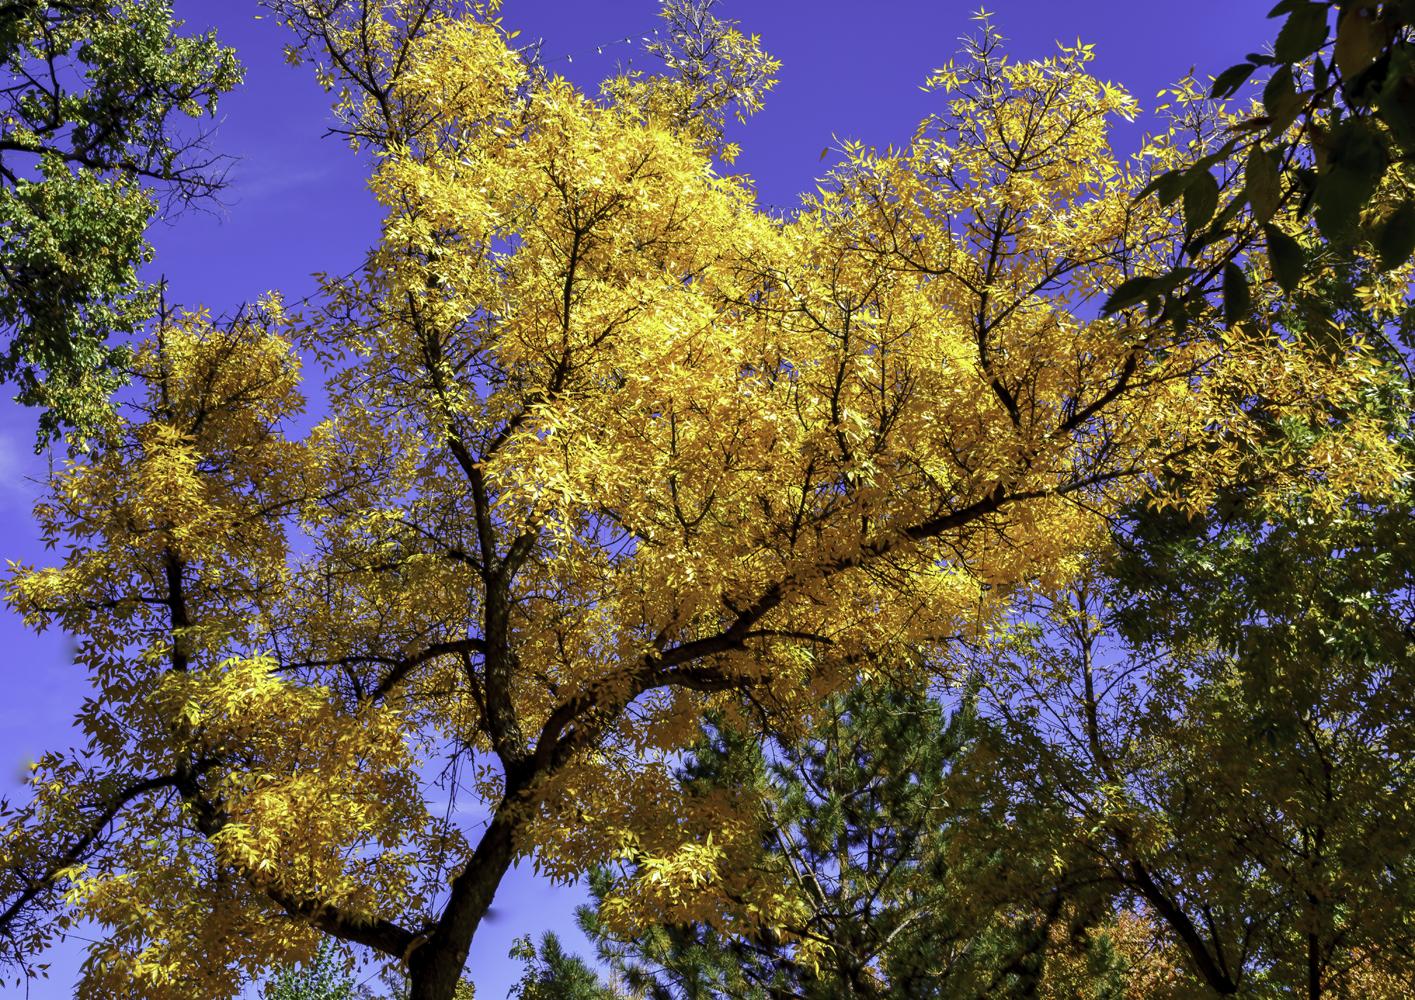 Autumn in Santa Fe2